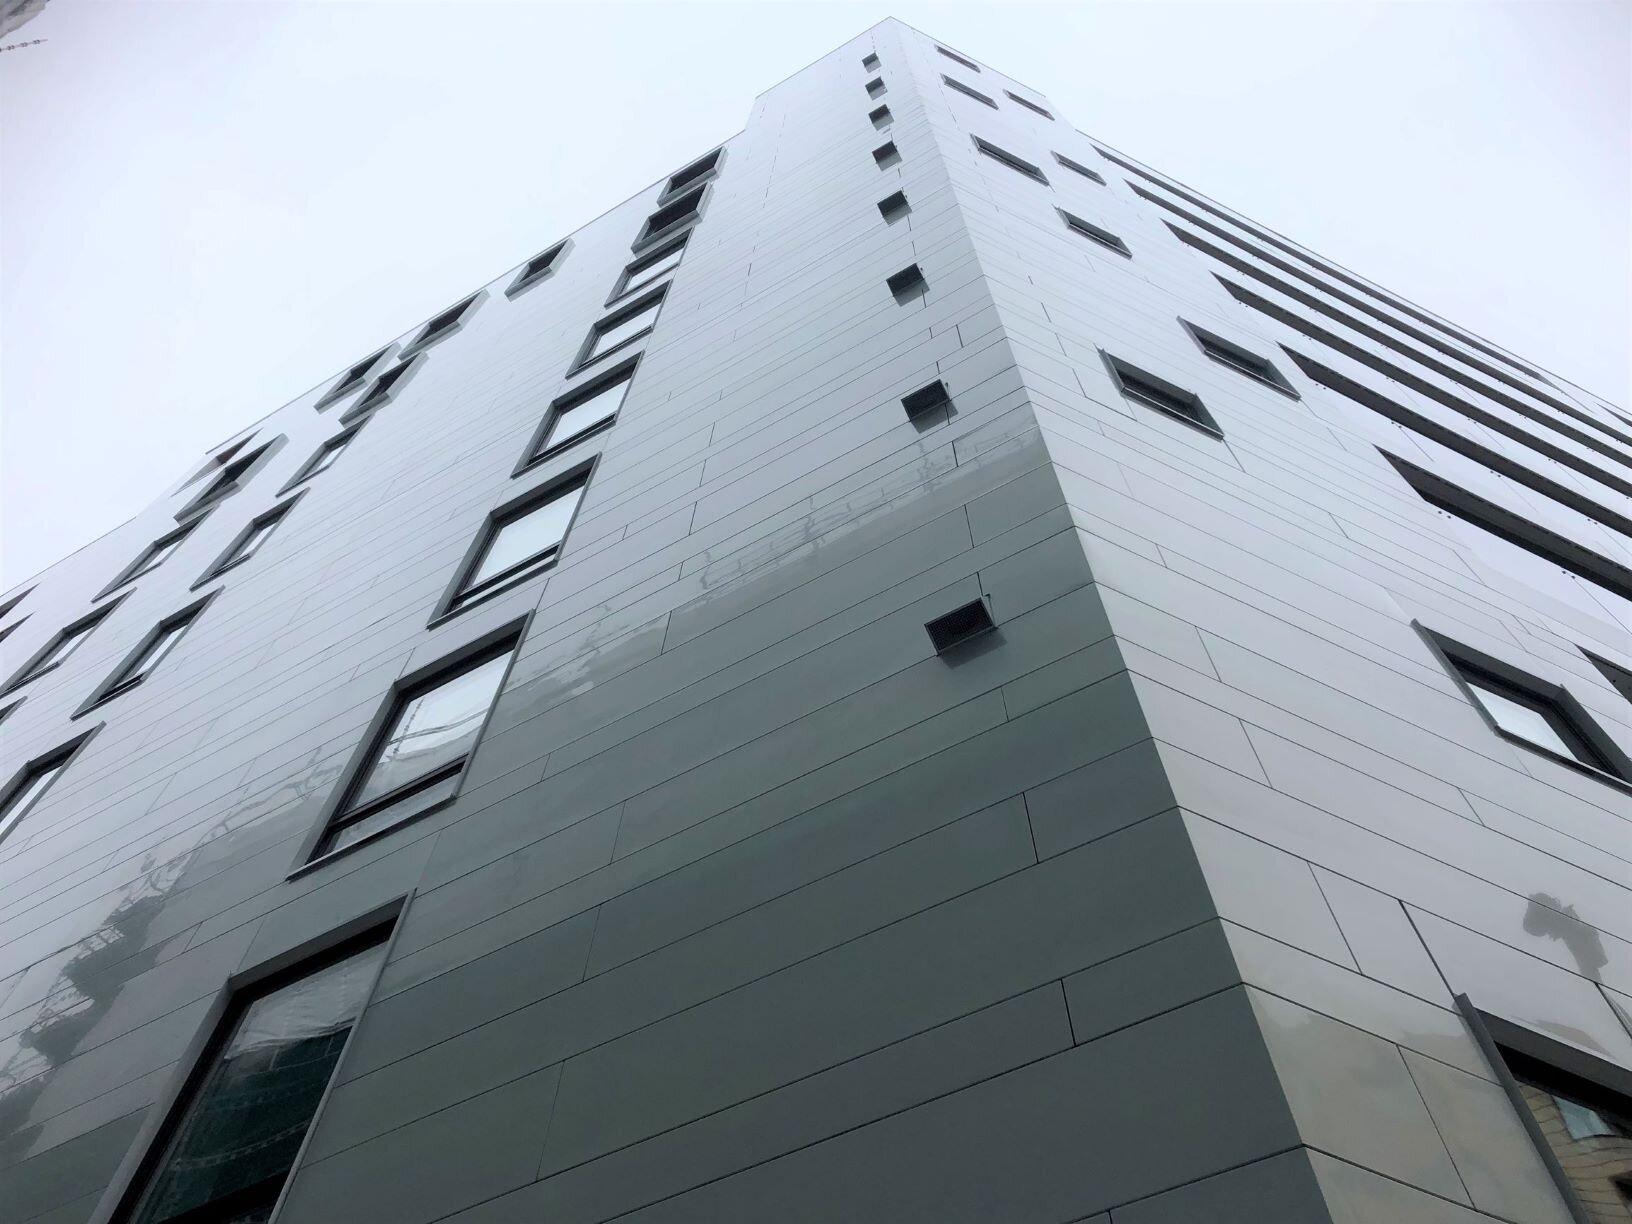 Vestbygget dekket med Petalpanel fra Vik. - Vi besøkte Weberg Prosjekter denne uken, de leverer våre paneler til det siste tilskuddet på Barcode i Oslo.